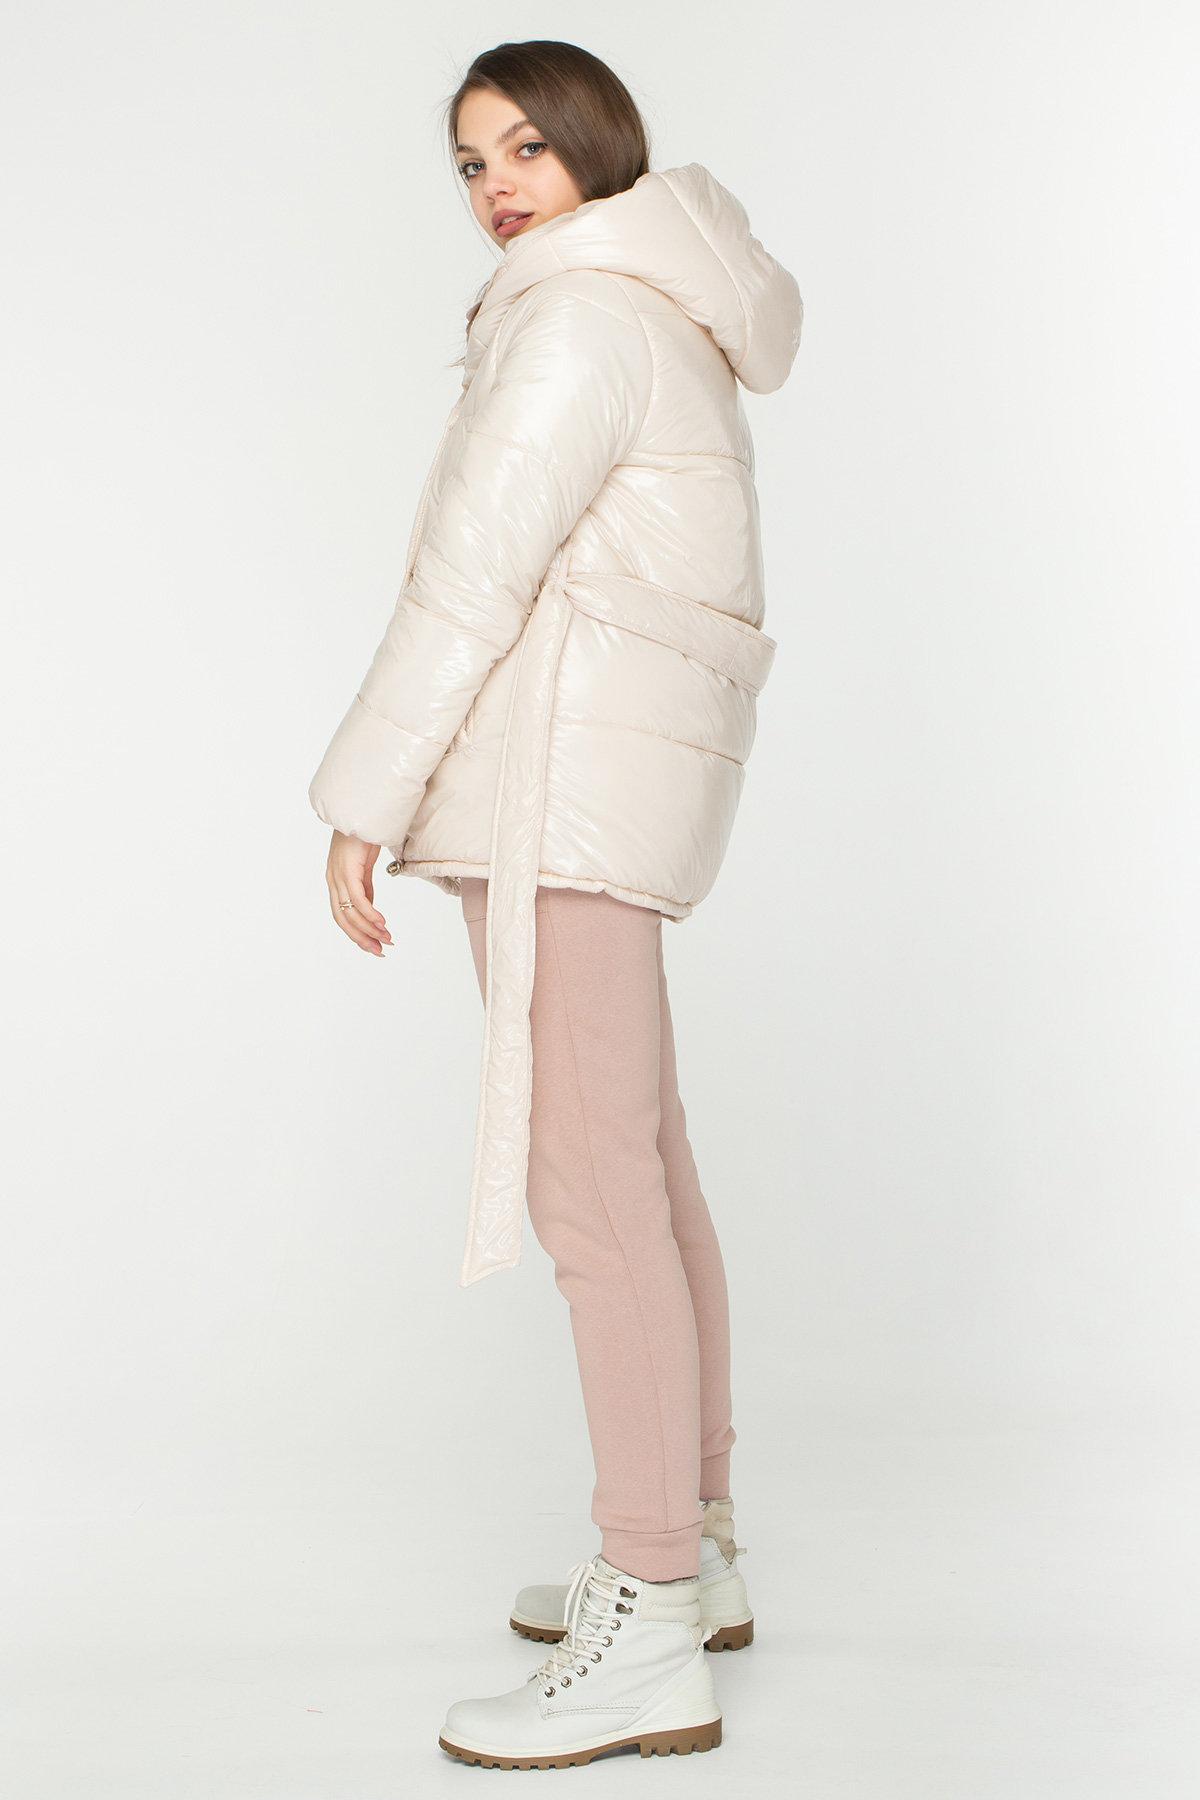 Лаковая куртка пуховик с поясом Бумер 8696 АРТ. 45156 Цвет: светло бежевый - фото 6, интернет магазин tm-modus.ru